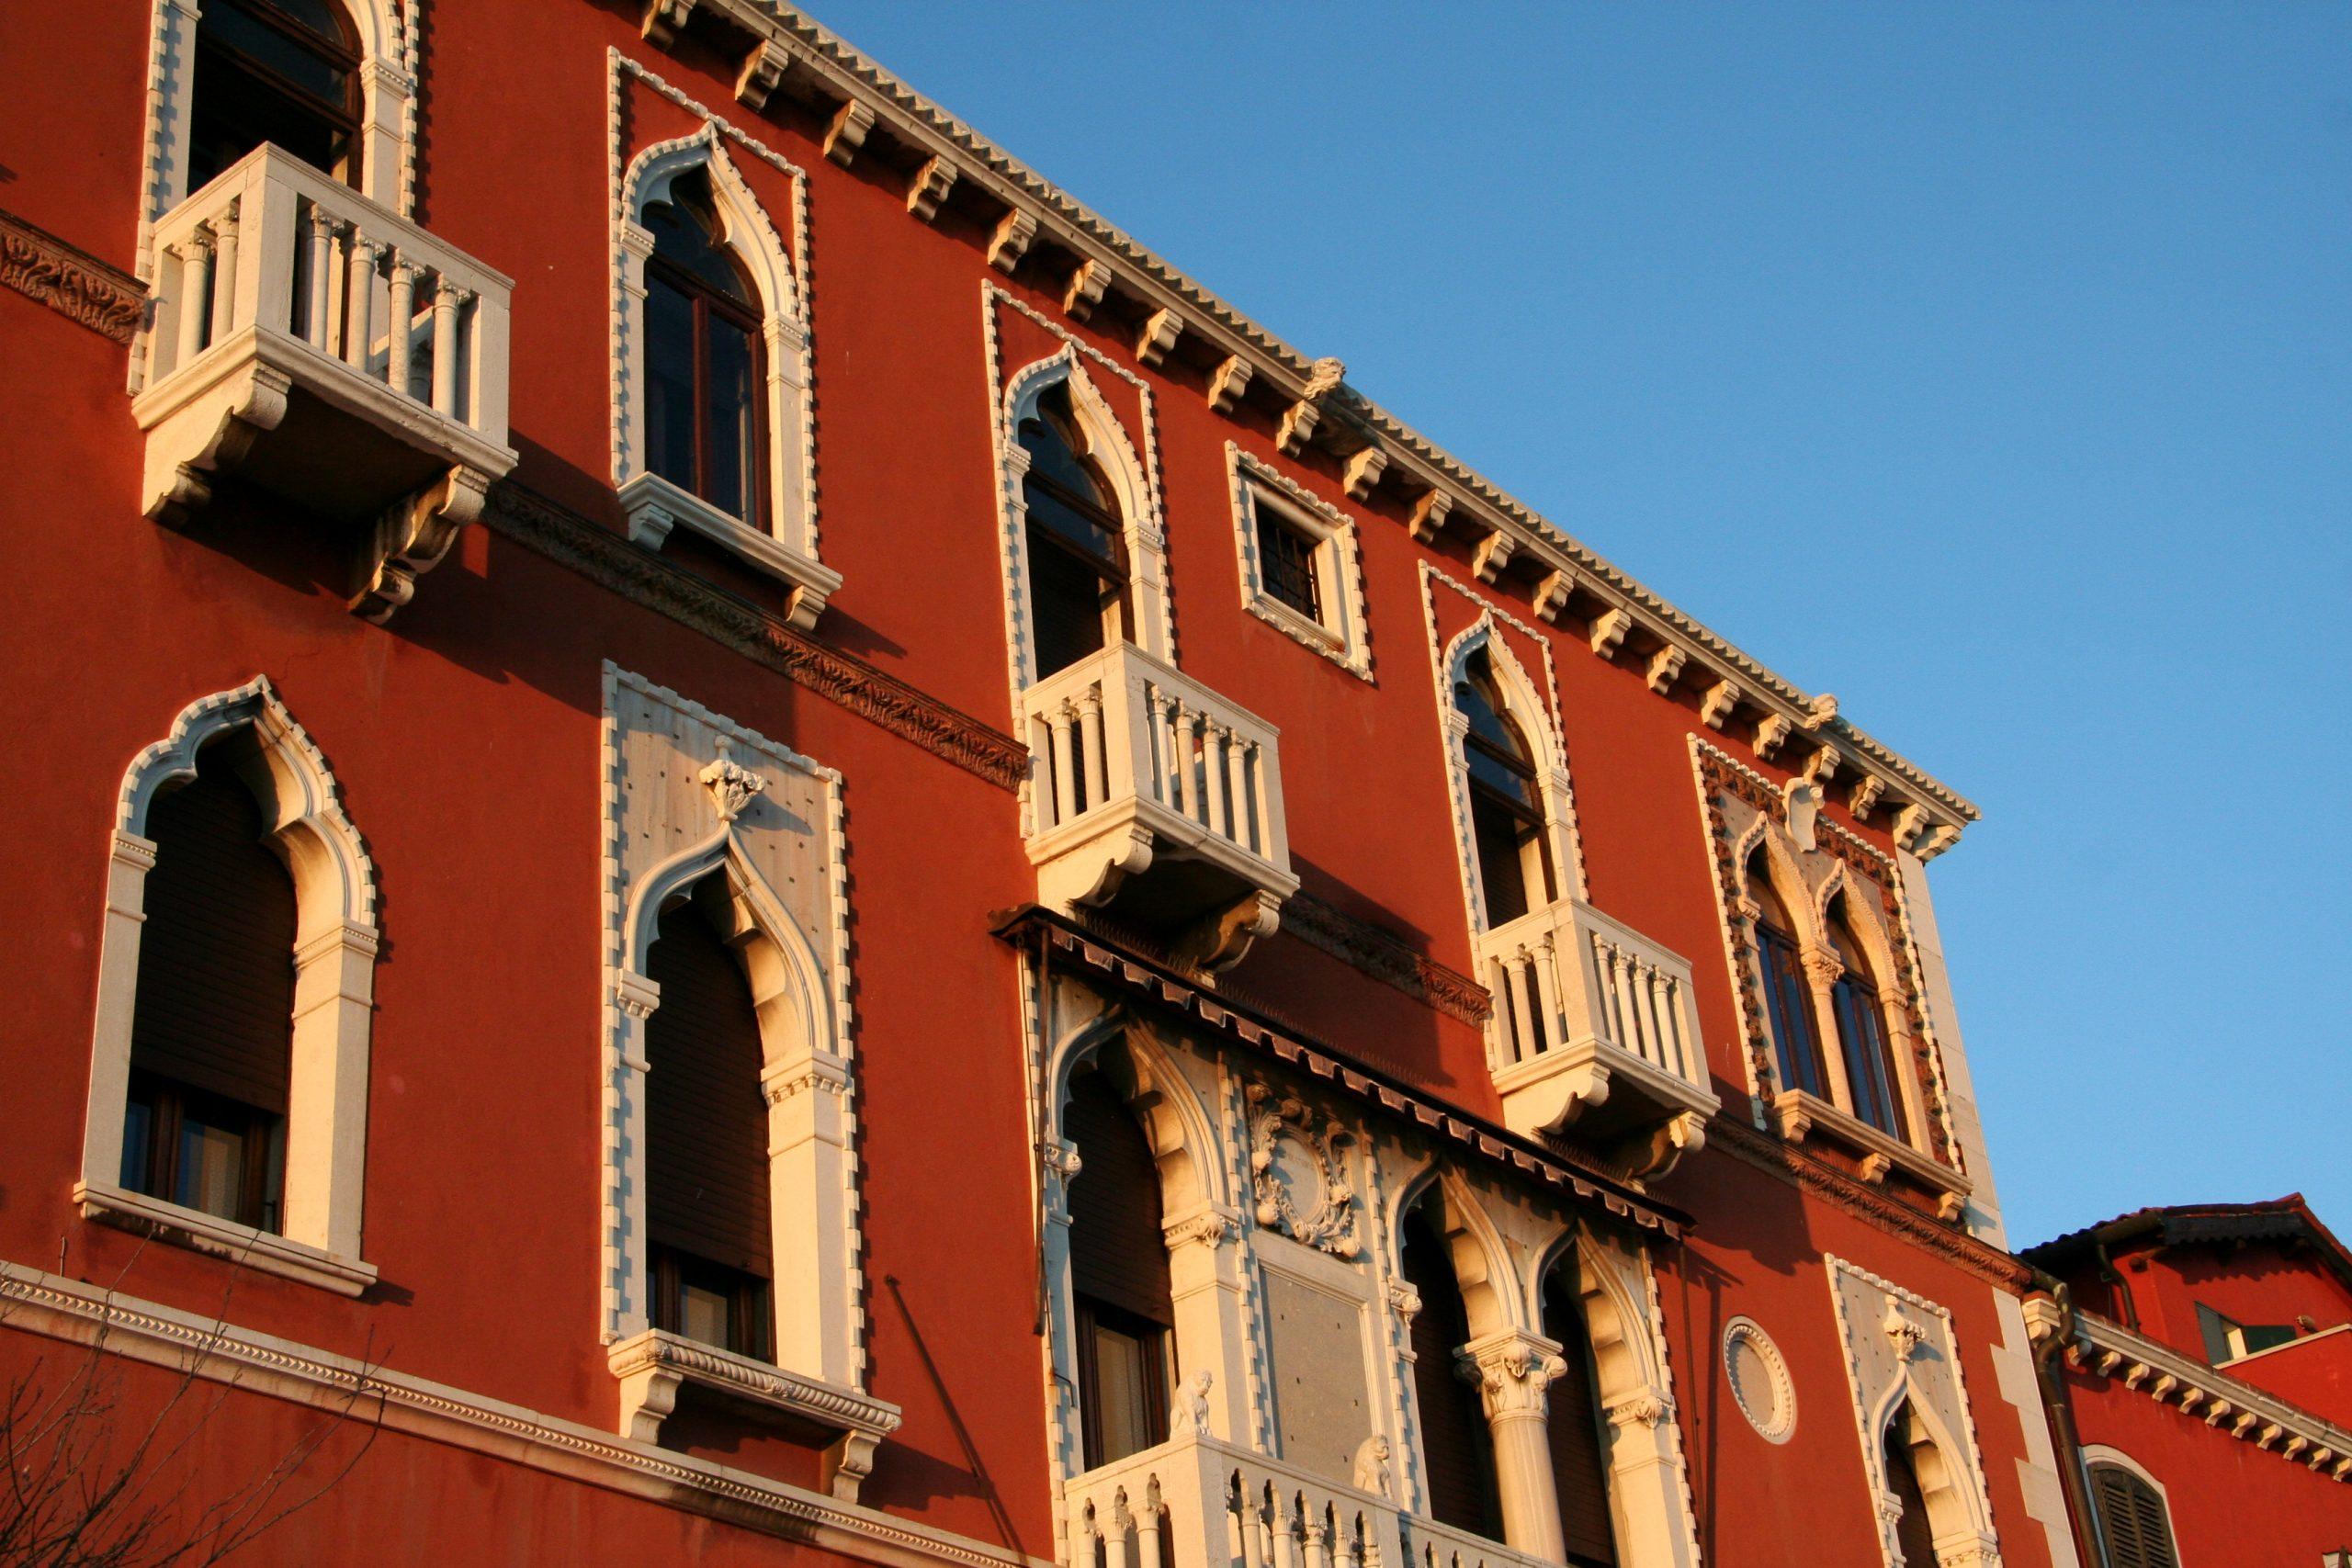 2009, Venice, Italy